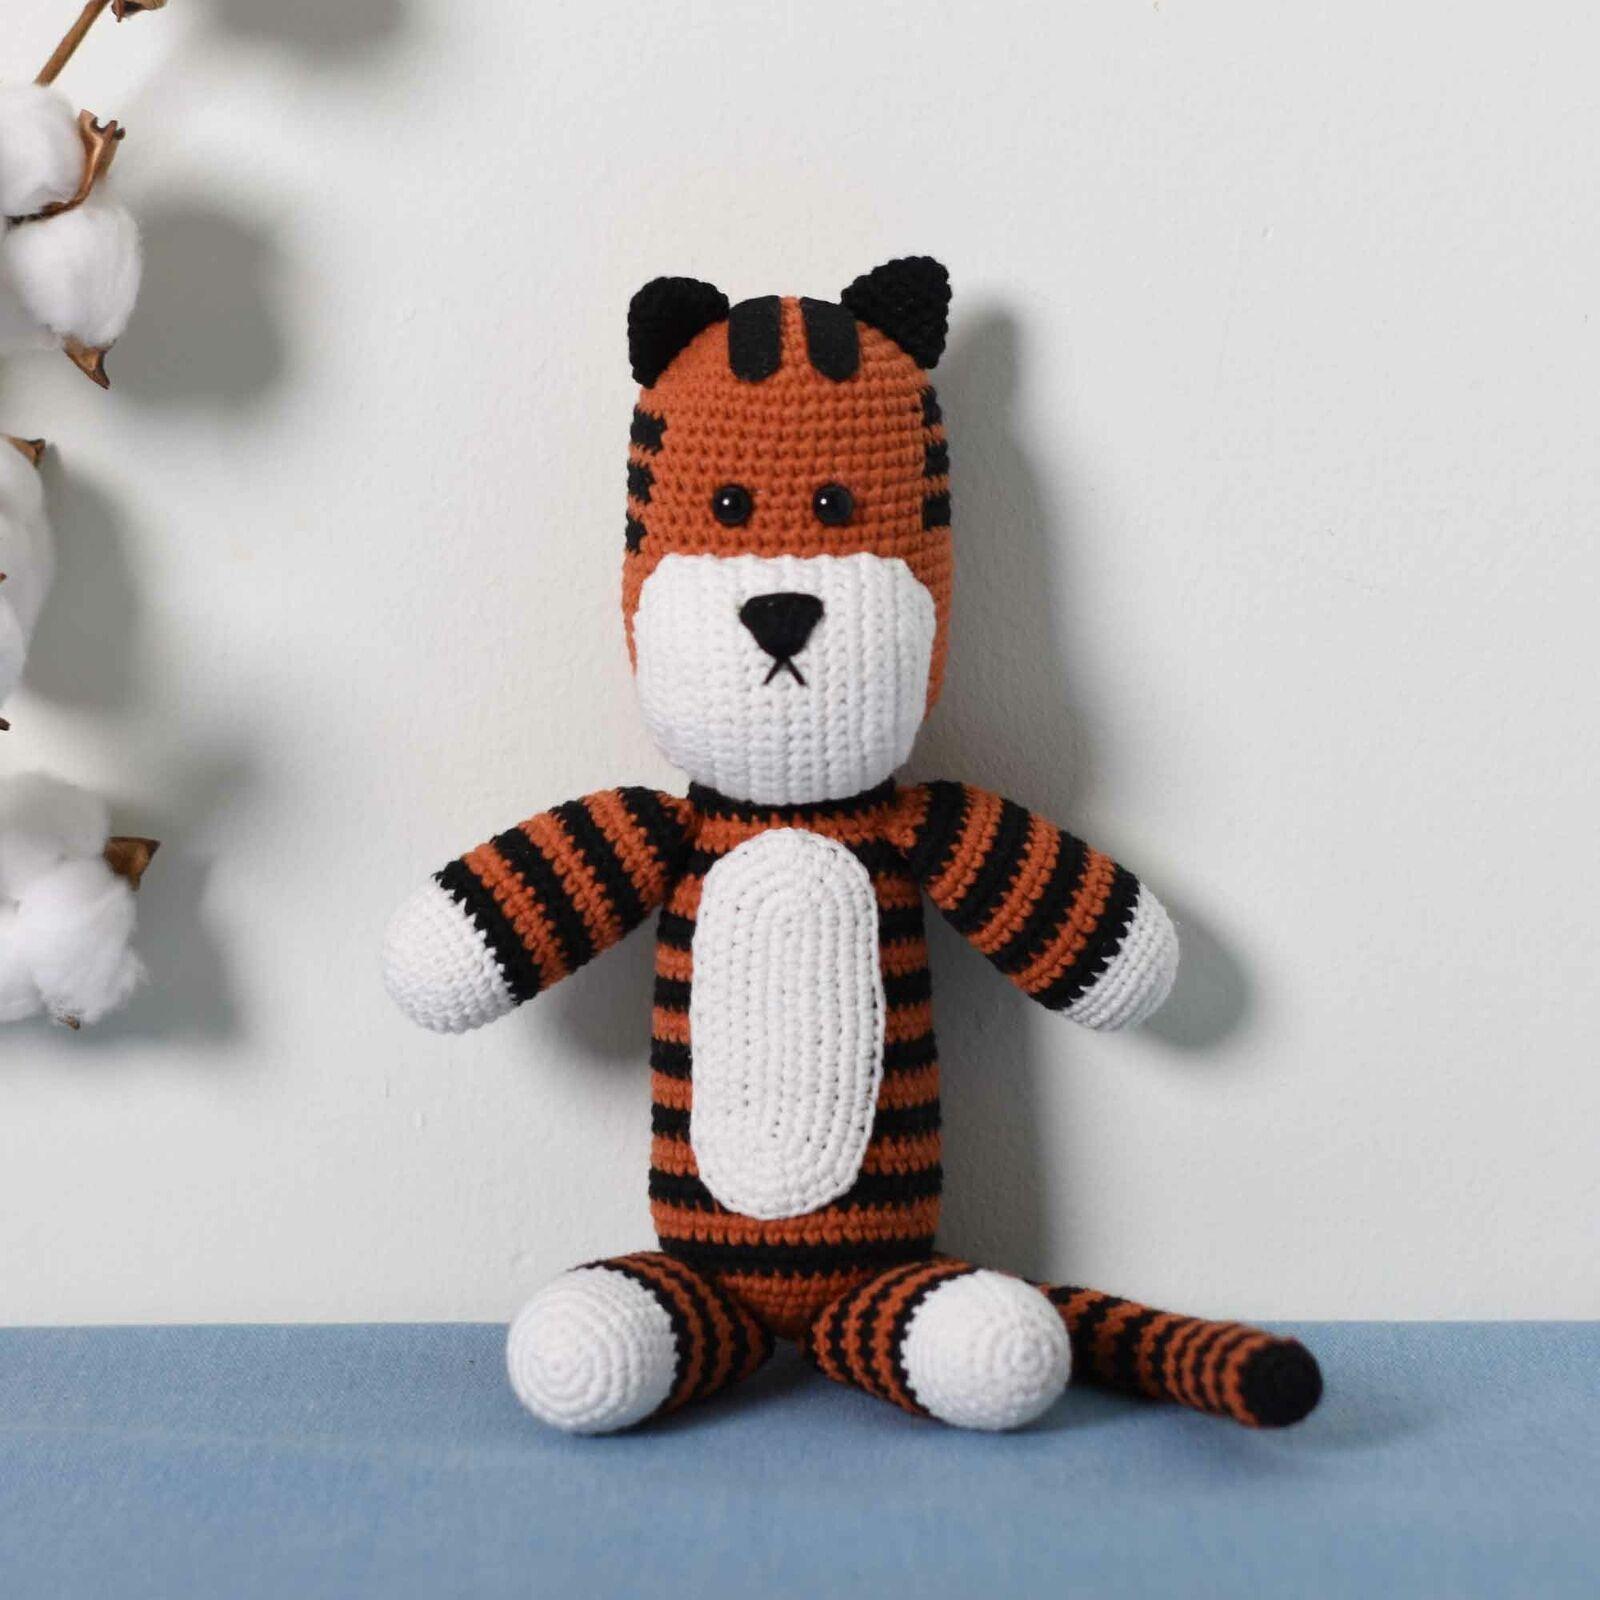 Huggable Amigurumi at WEBS | Yarn.com | 1600x1600